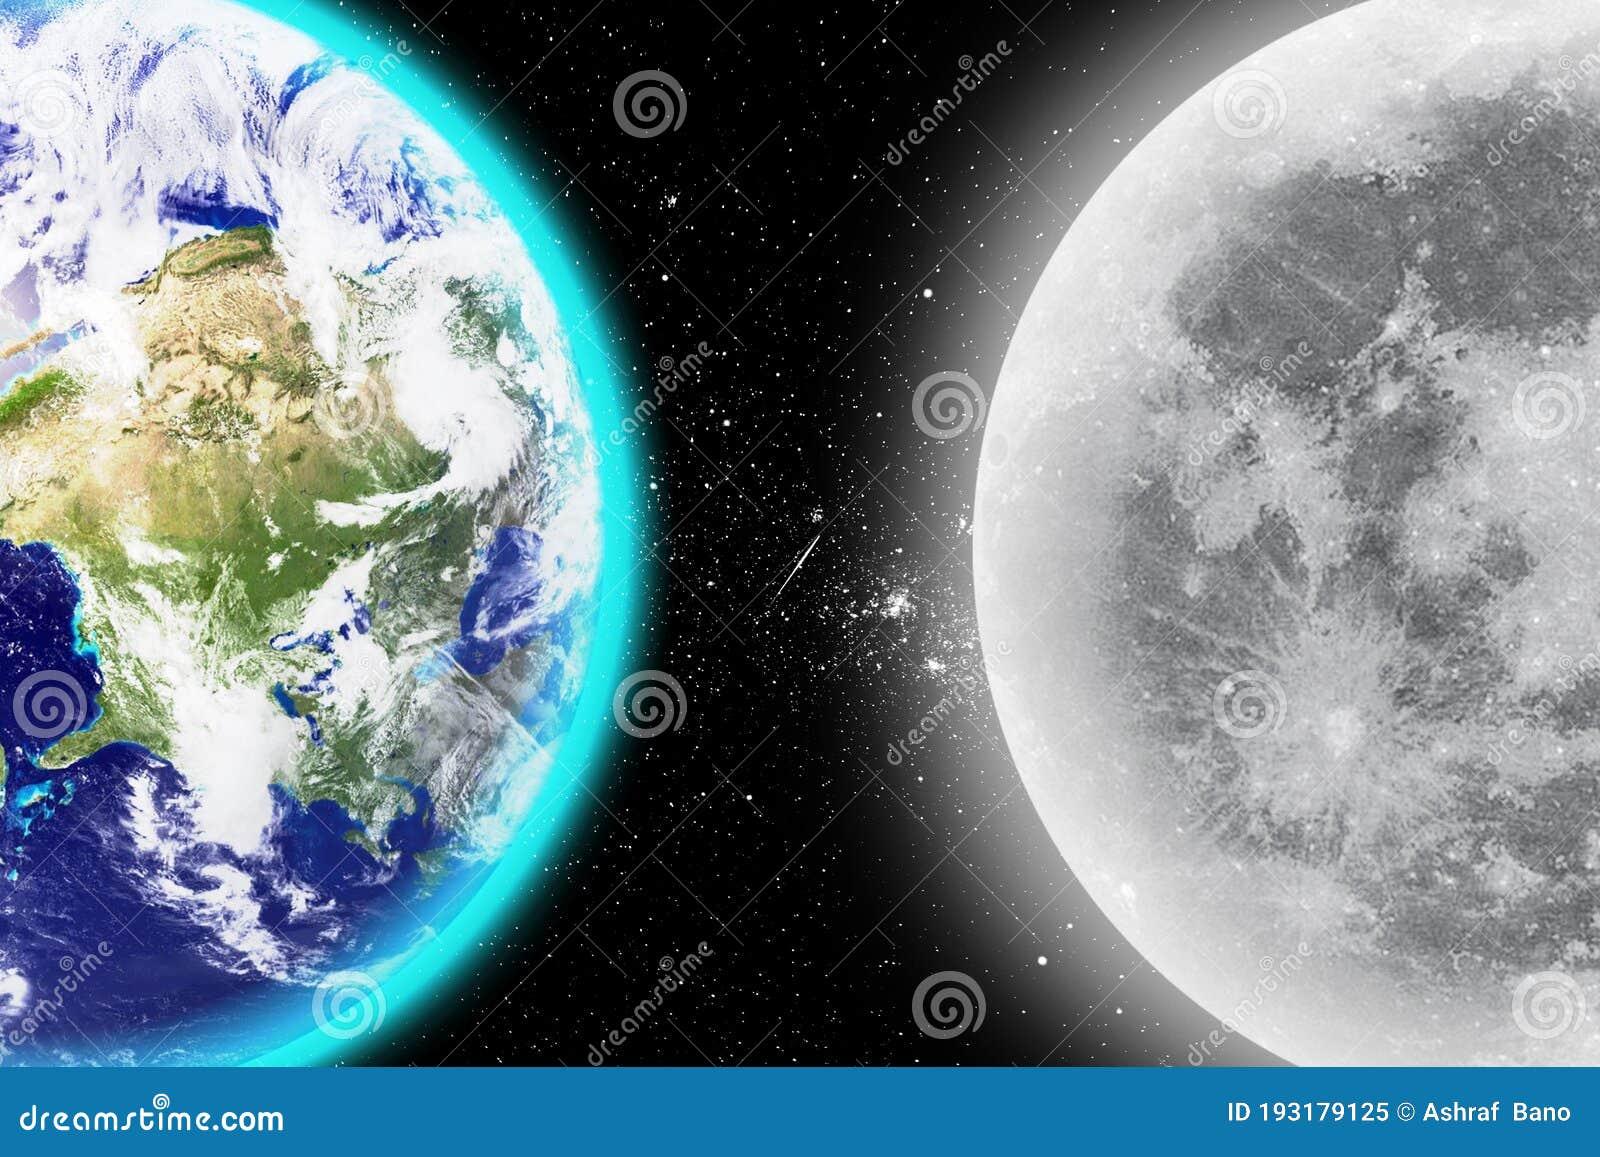 Earth Vs Moon